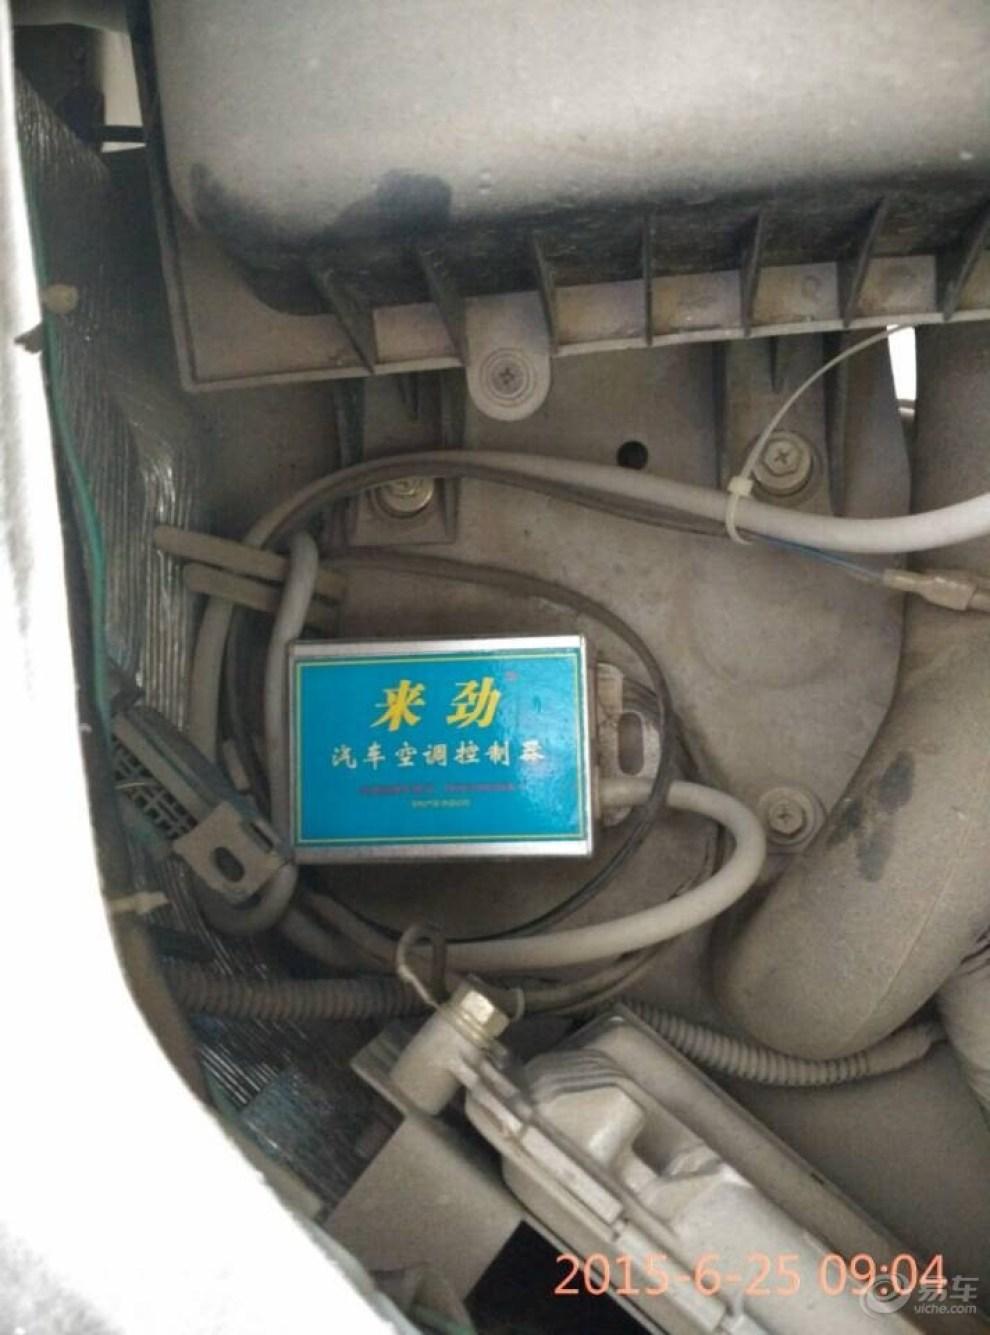 五菱荣光空调控制器改装 动力提升 -五菱荣光论坛图片集锦高清图片